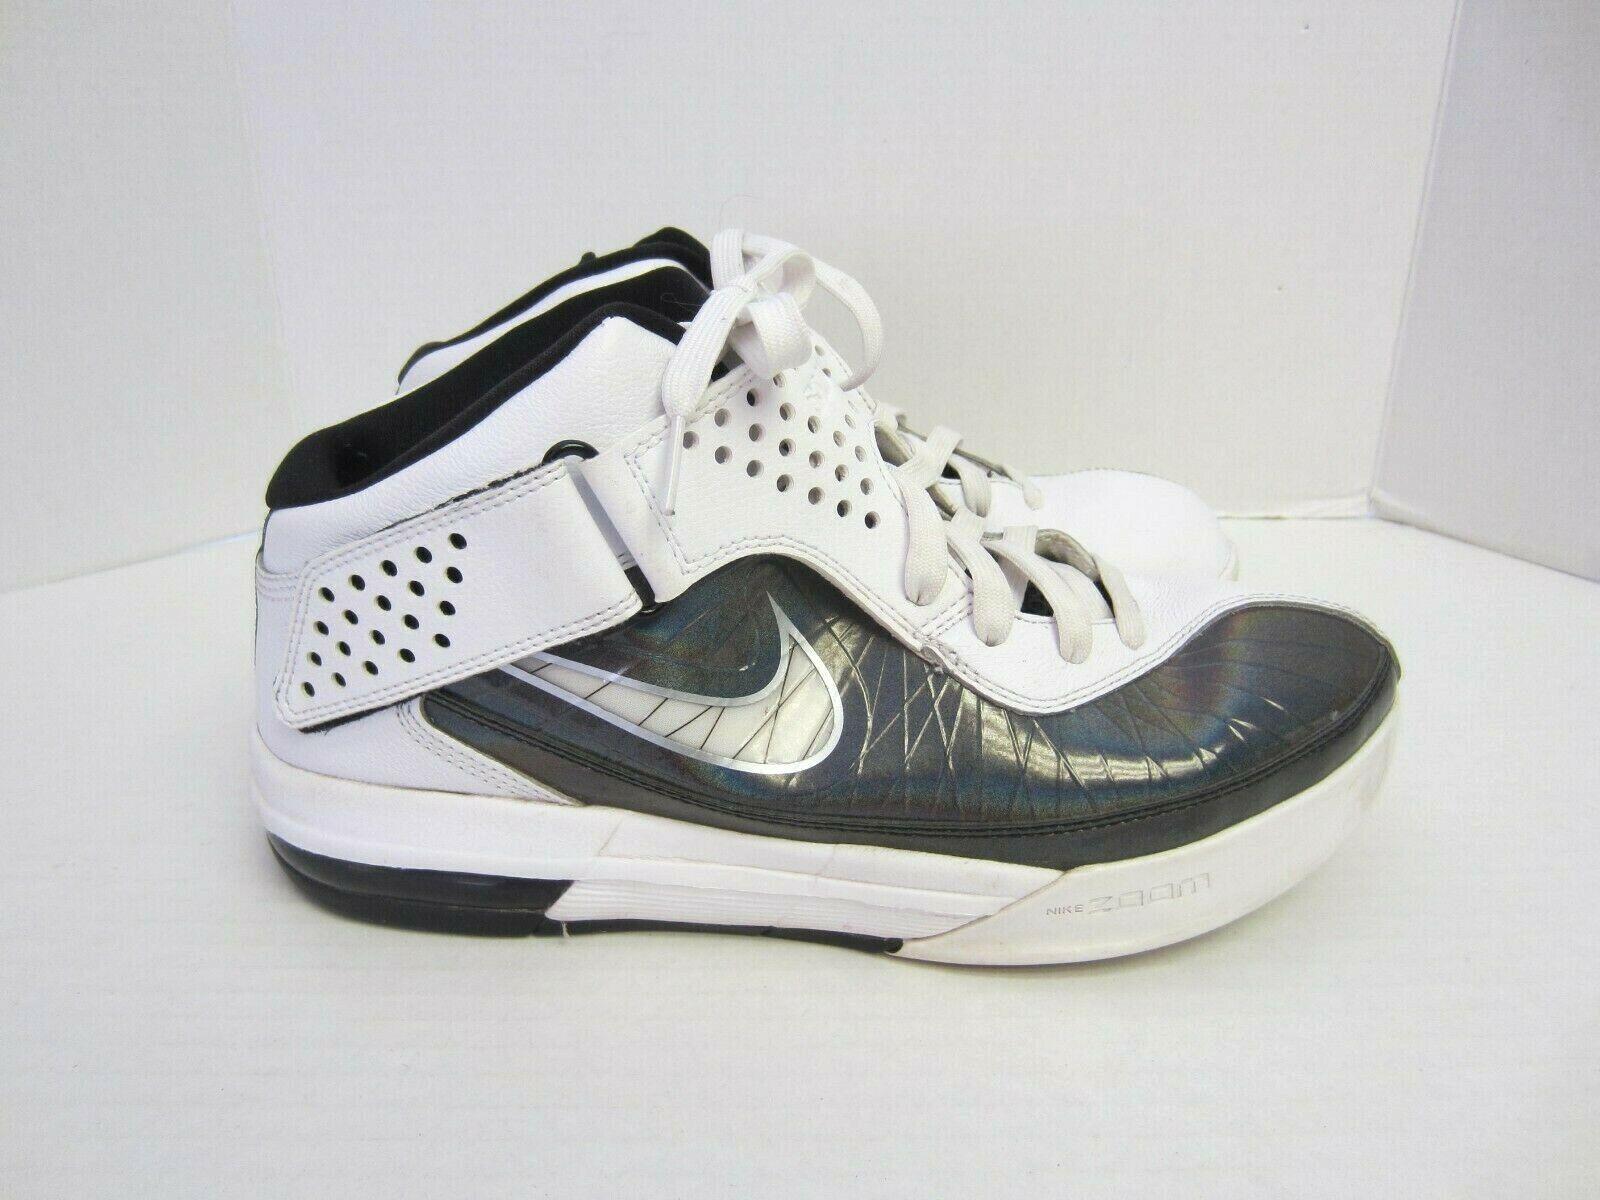 Nike Air Max Zoom shoes 11 LeBron SLDR V Basketball White Silver Mens q